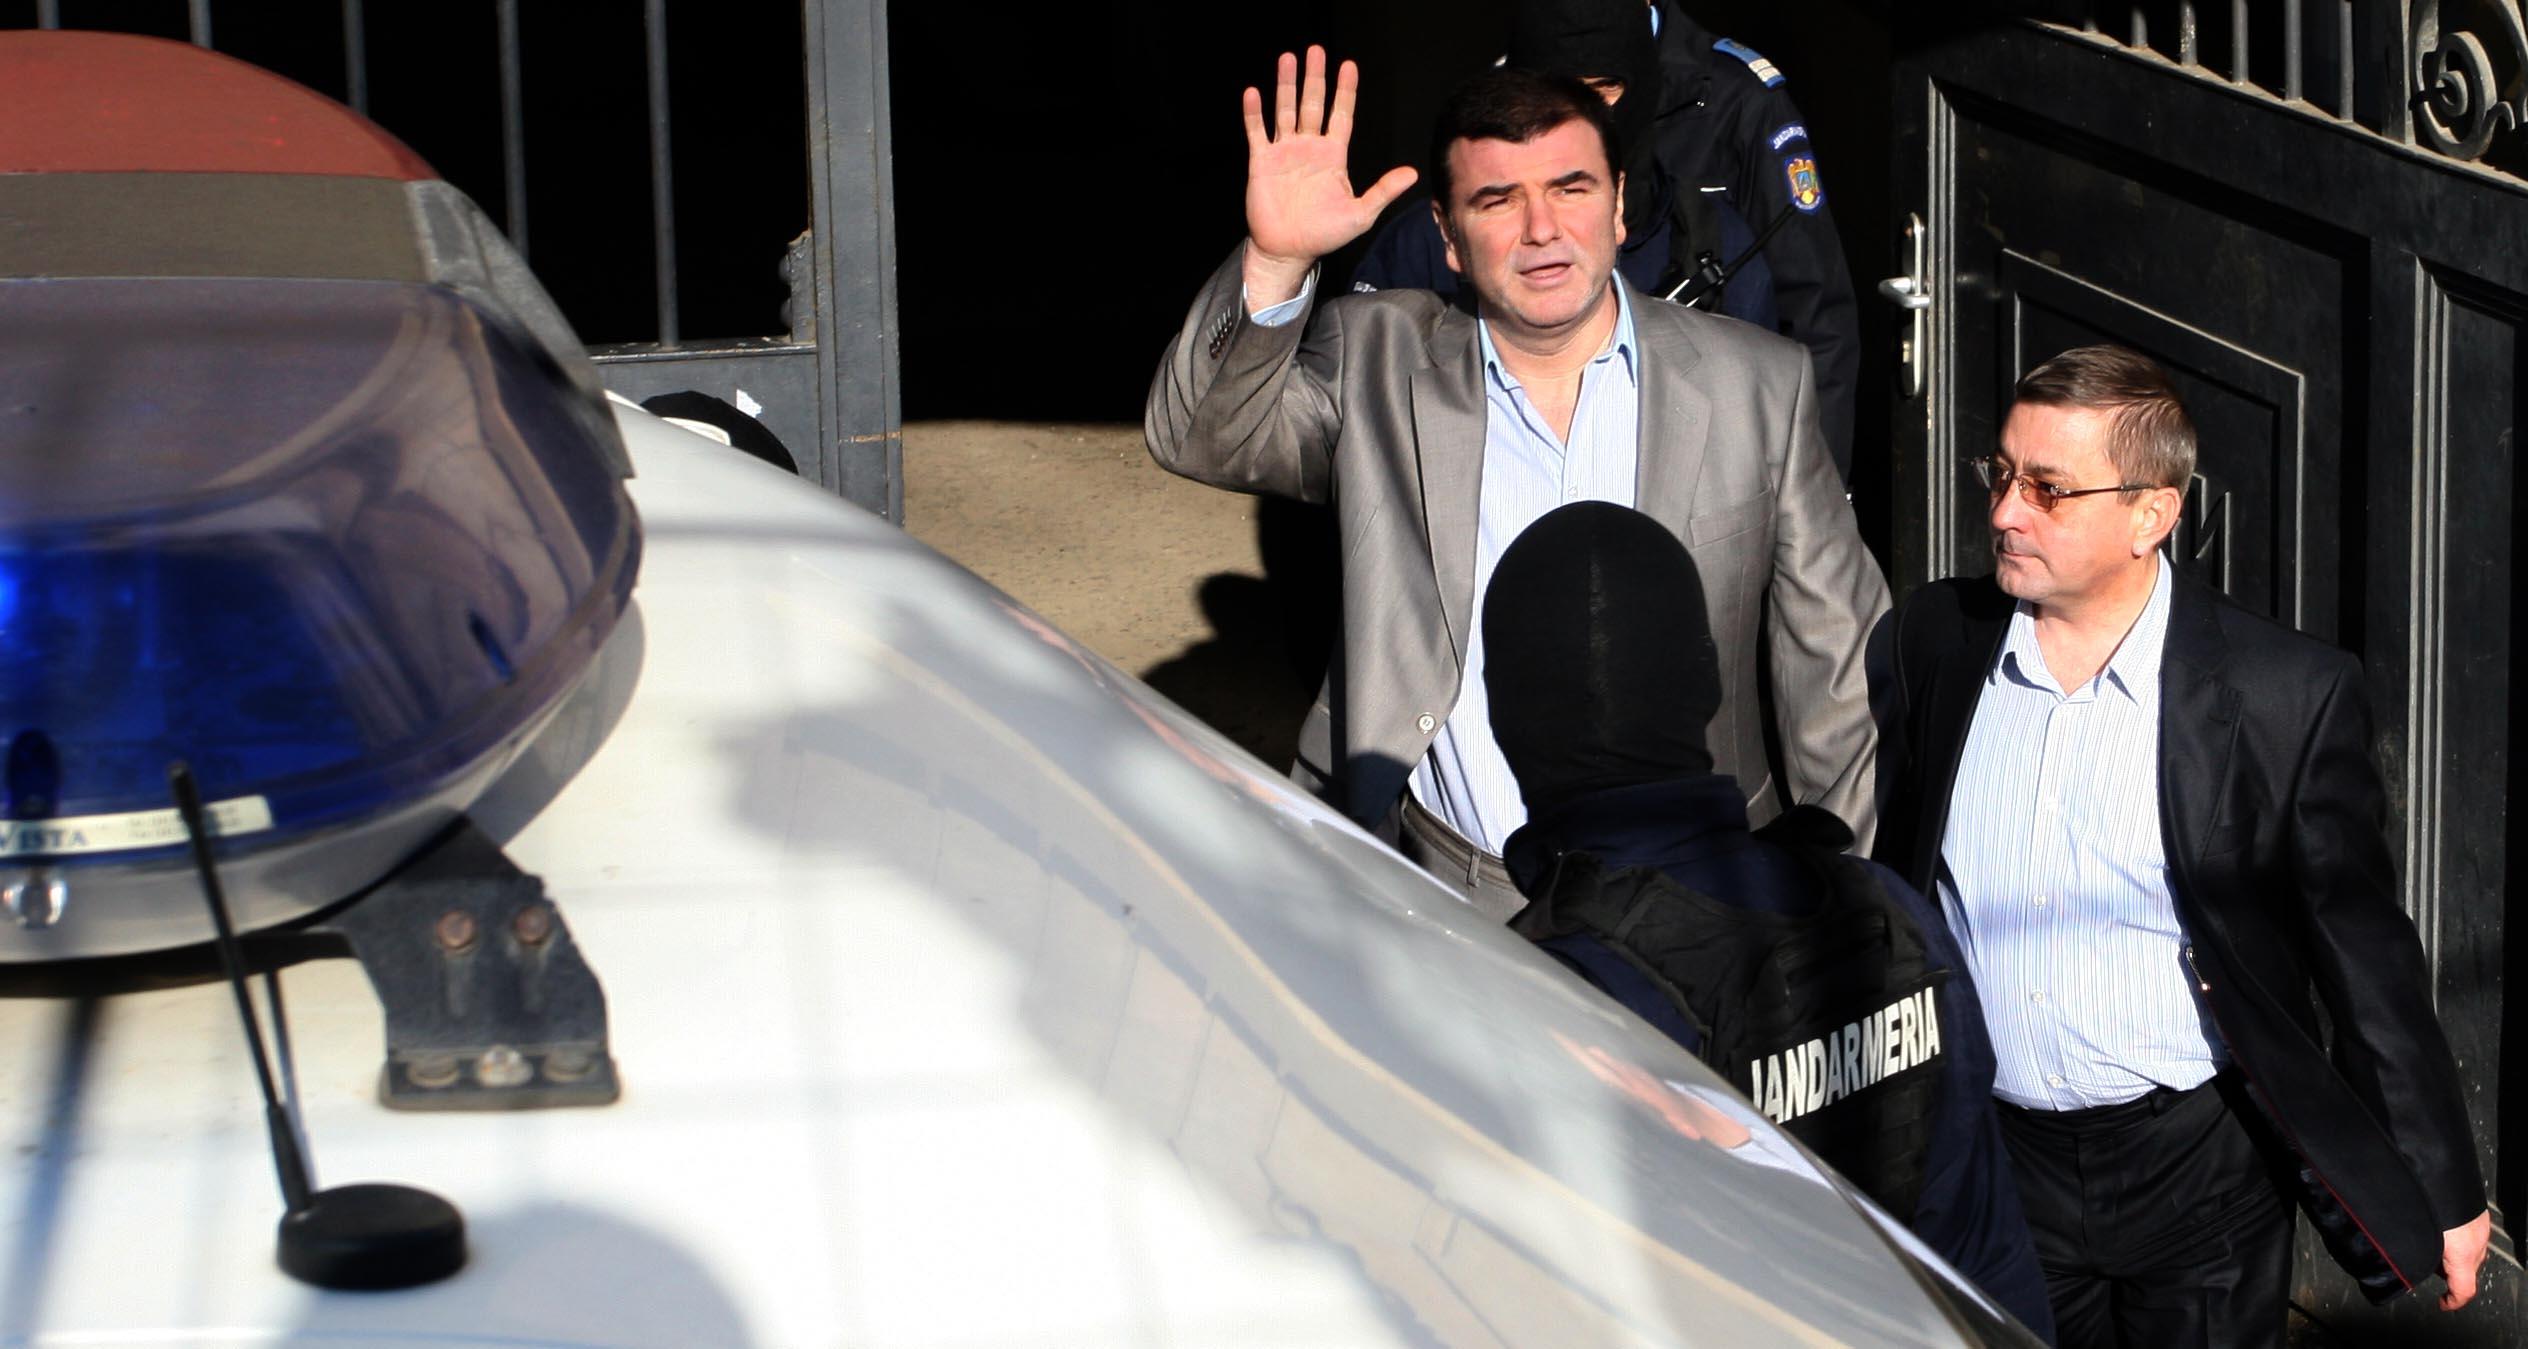 Trupul neinsufletit al omului de afaceri Catalin Chelu a fost adus in tara din Iordania